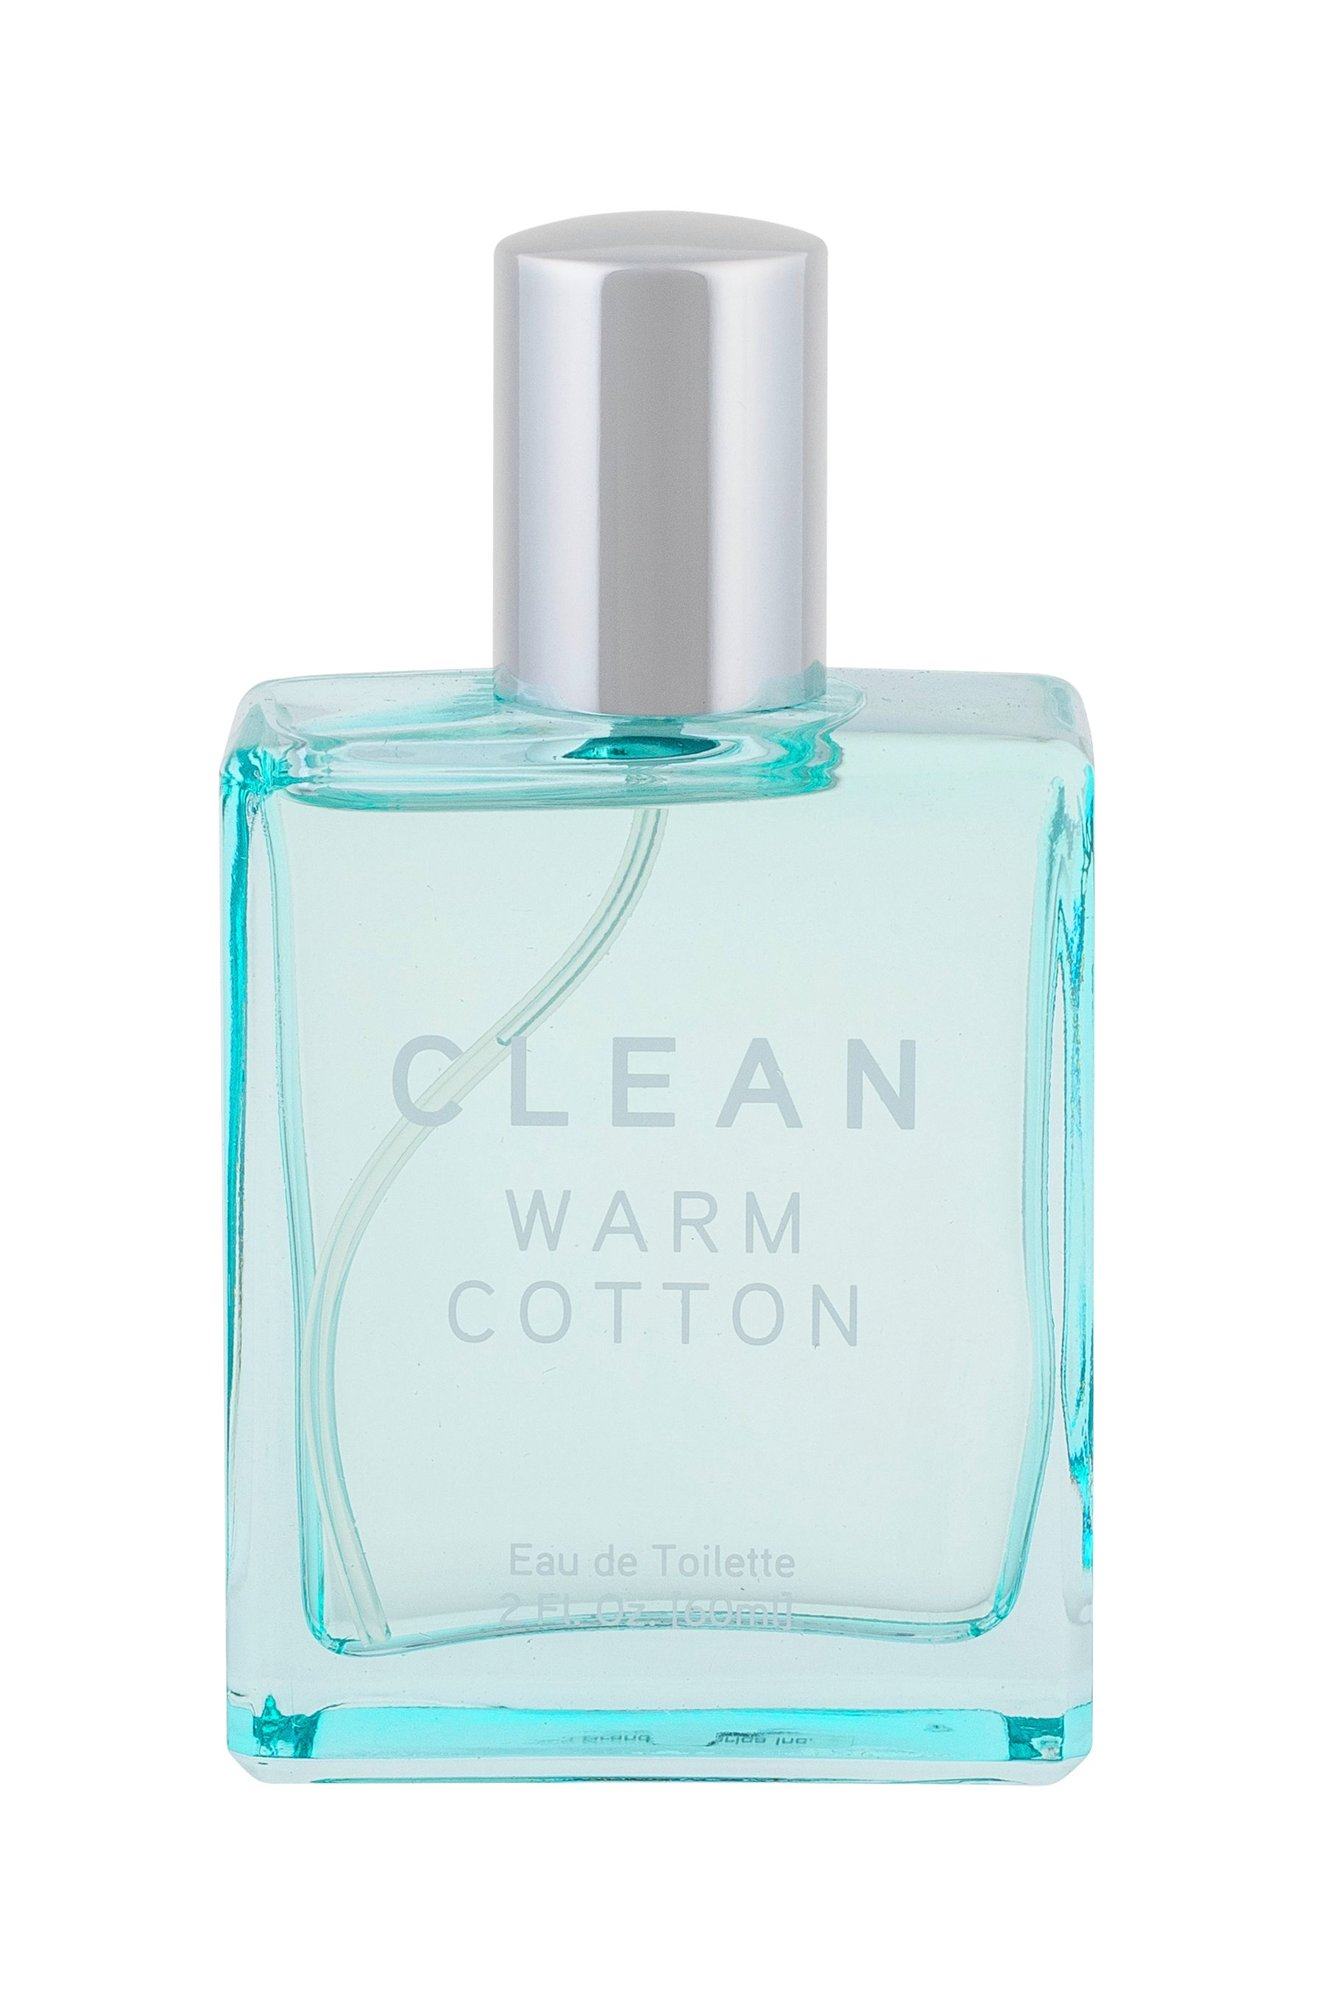 Clean Warm Cotton Eau de Toilette 60ml